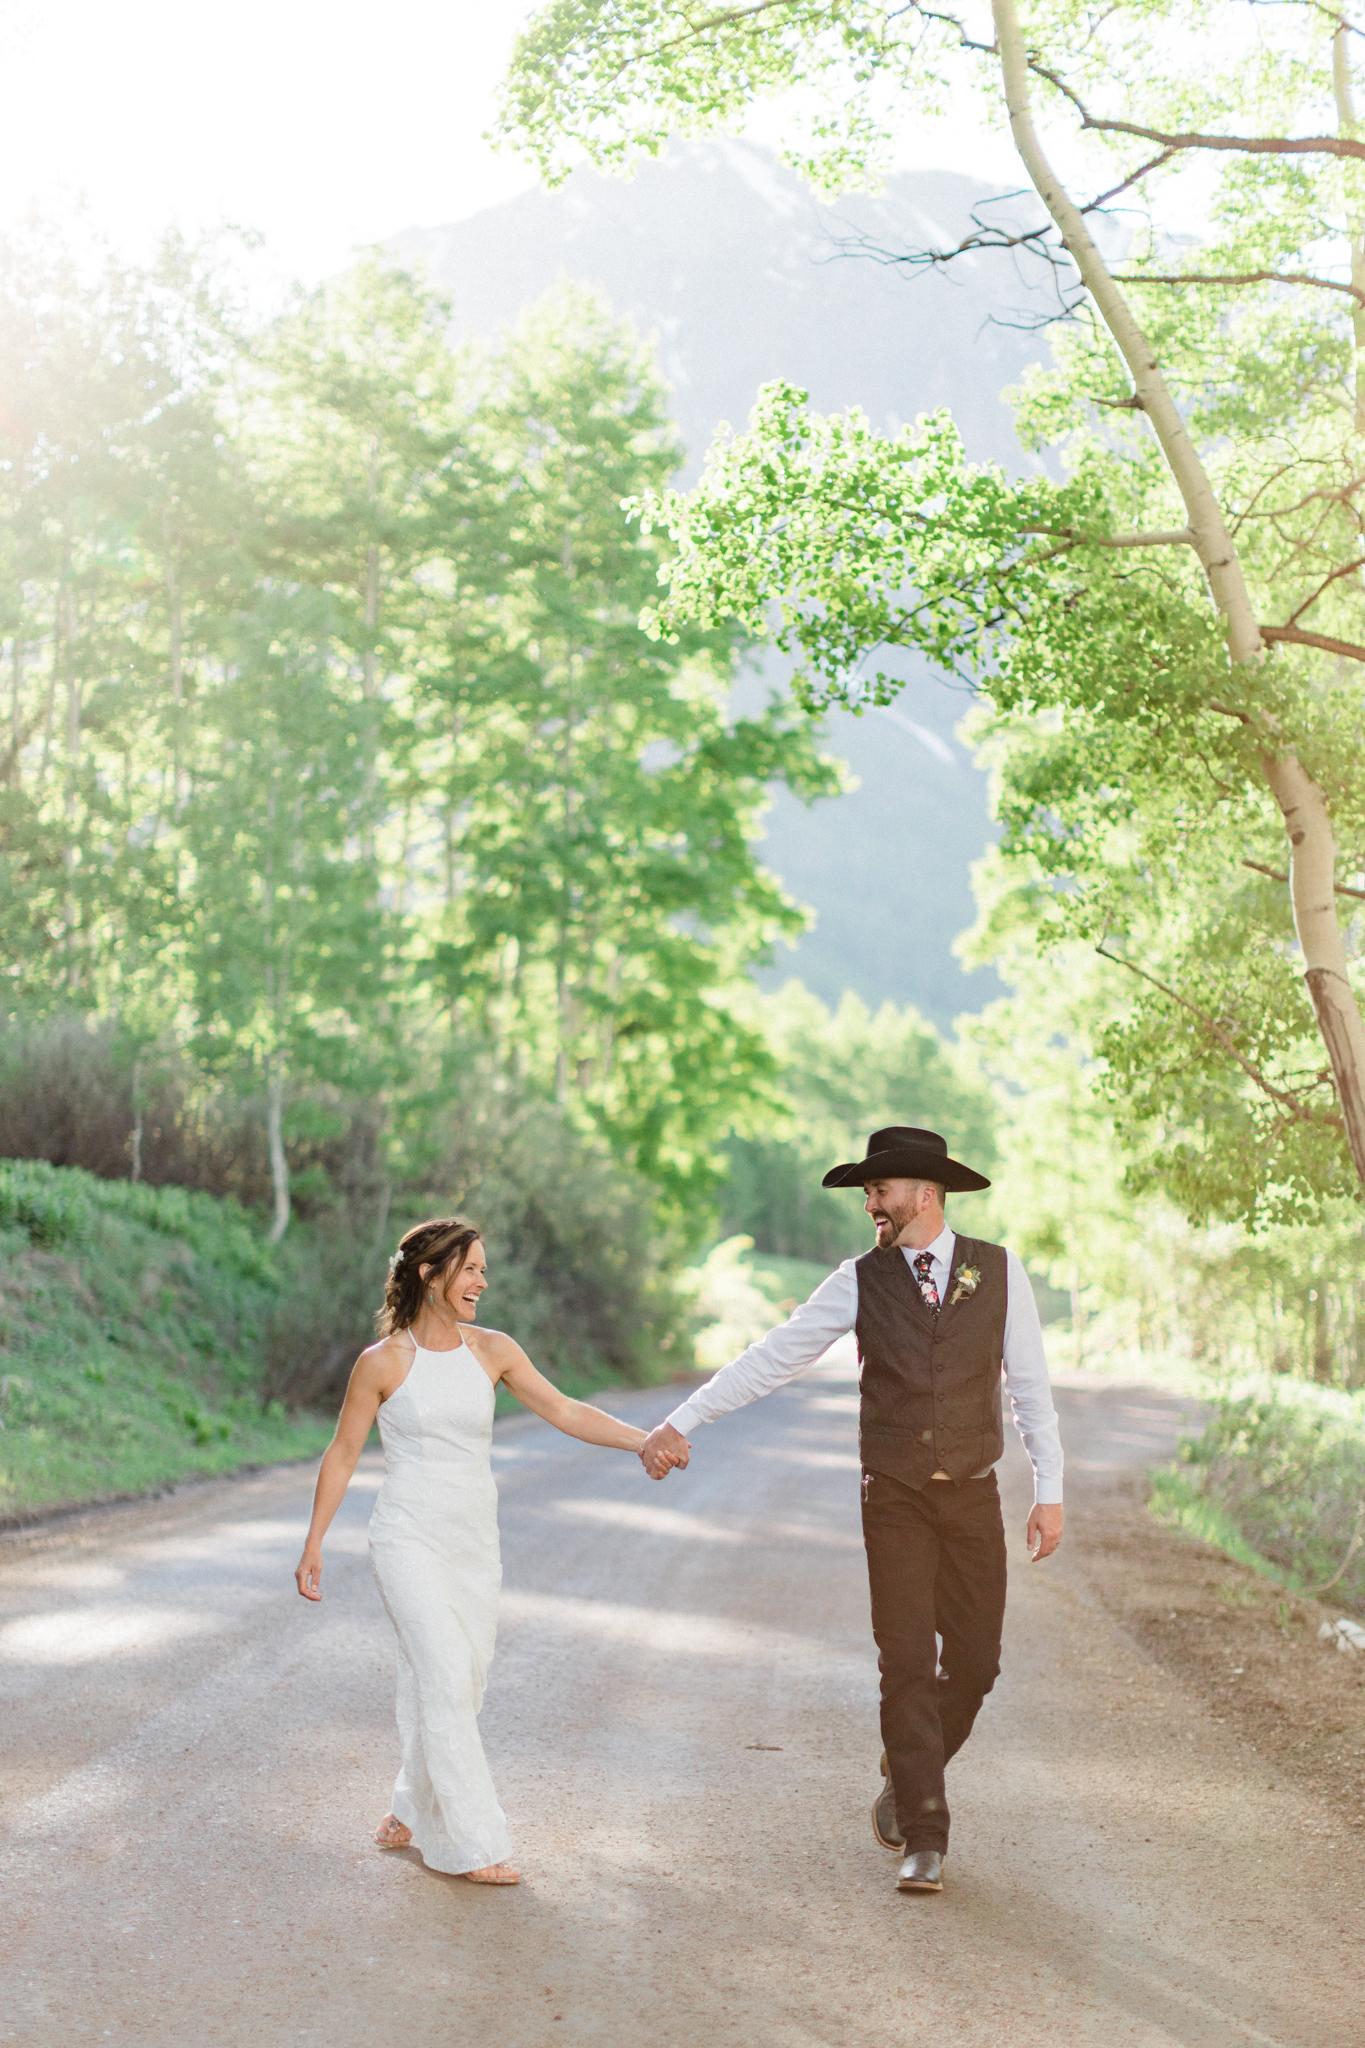 Crested_Butte_Mountain_Wedding_Garden-15